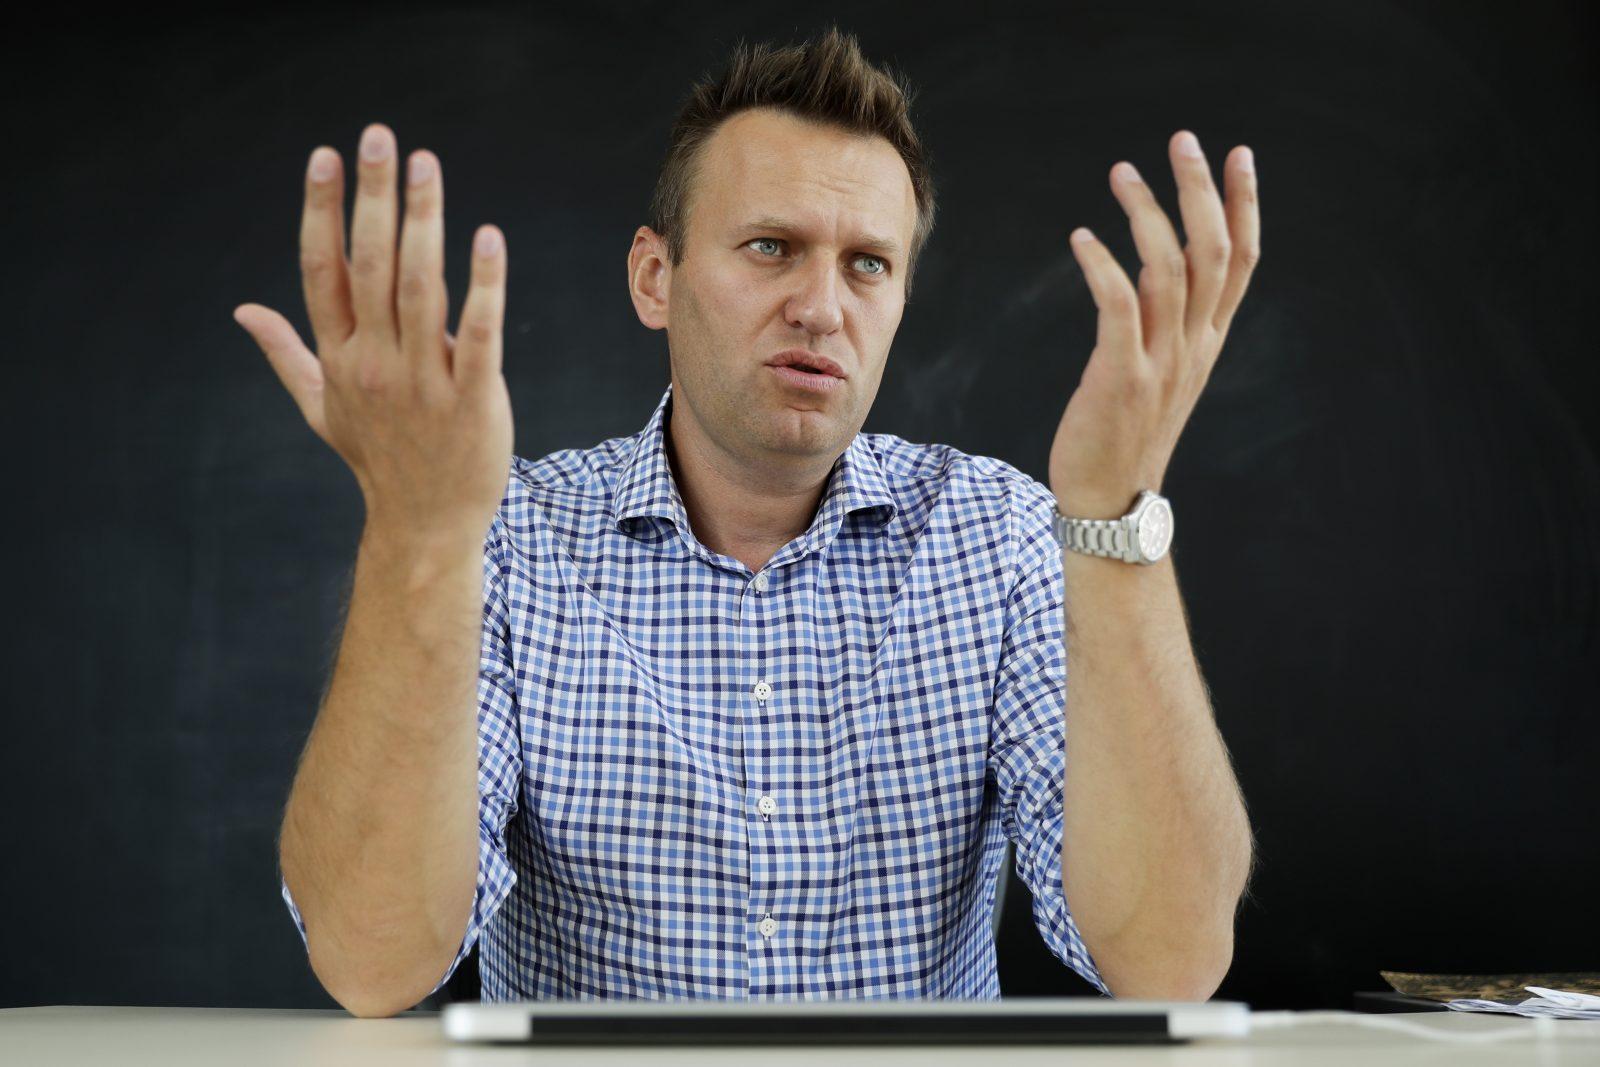 Der russische Oppositionspolitiker Alexej Nawalny überlebte im August einen Giftanschlag